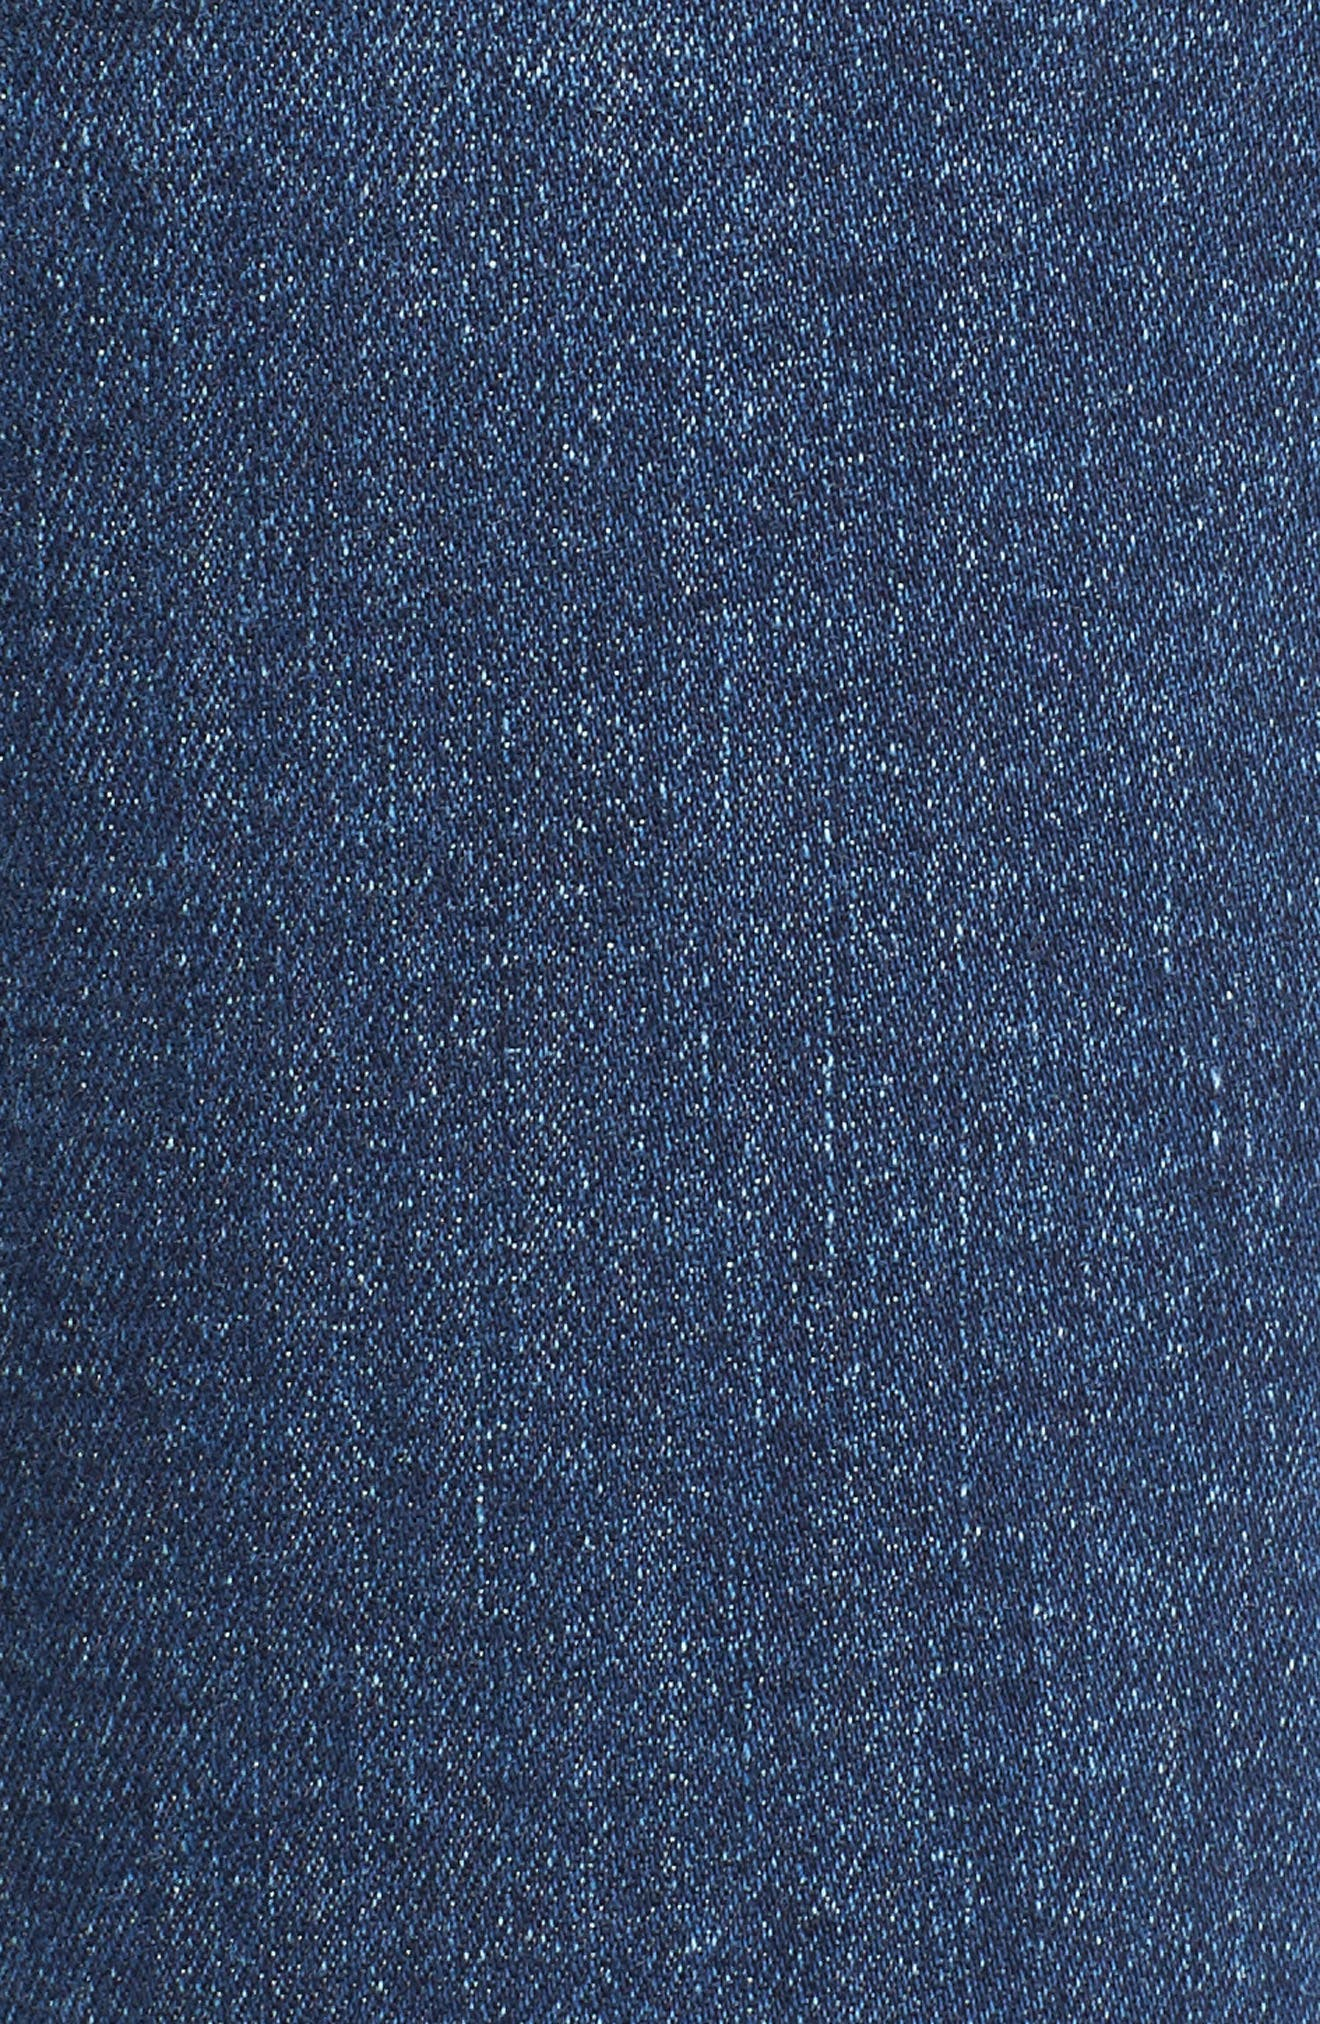 Transcend Vintage - Verdugo Ankle Skinny Jeans,                             Alternate thumbnail 6, color,                             Pico Destructed